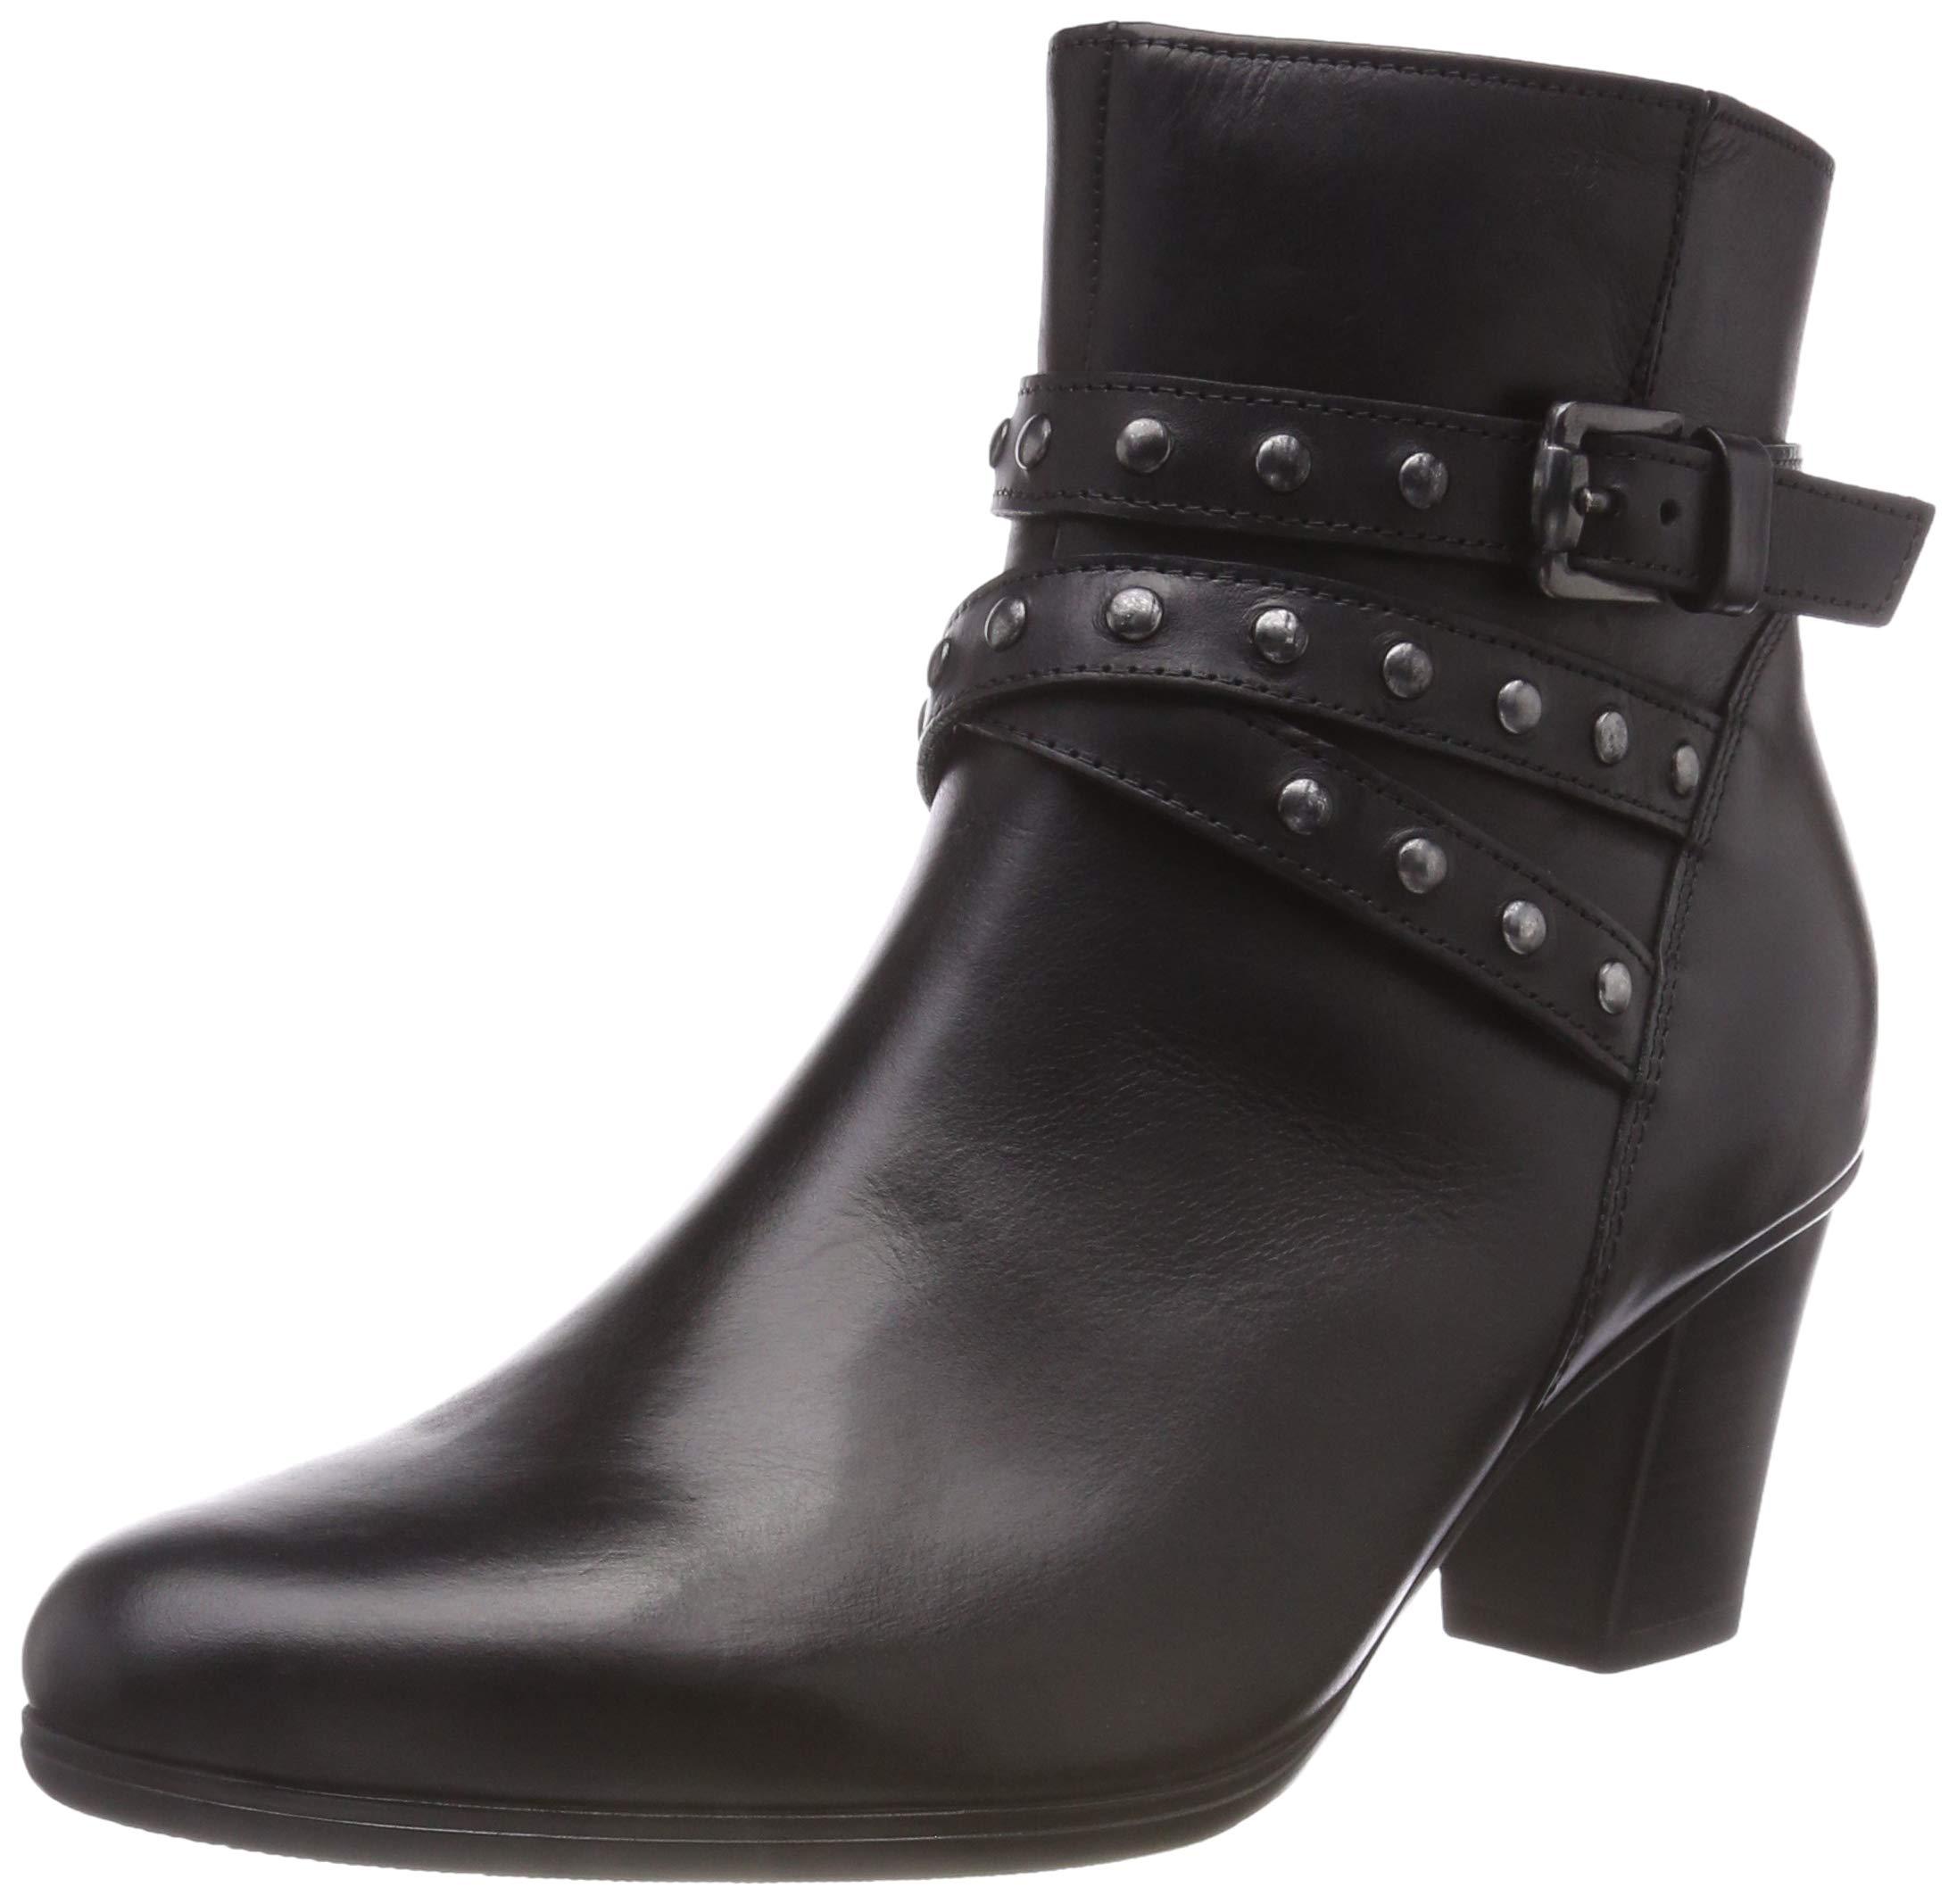 BasicBotines Shoes FemmeNoirschwarz 2738 Eu Gabor qUGSMVpz